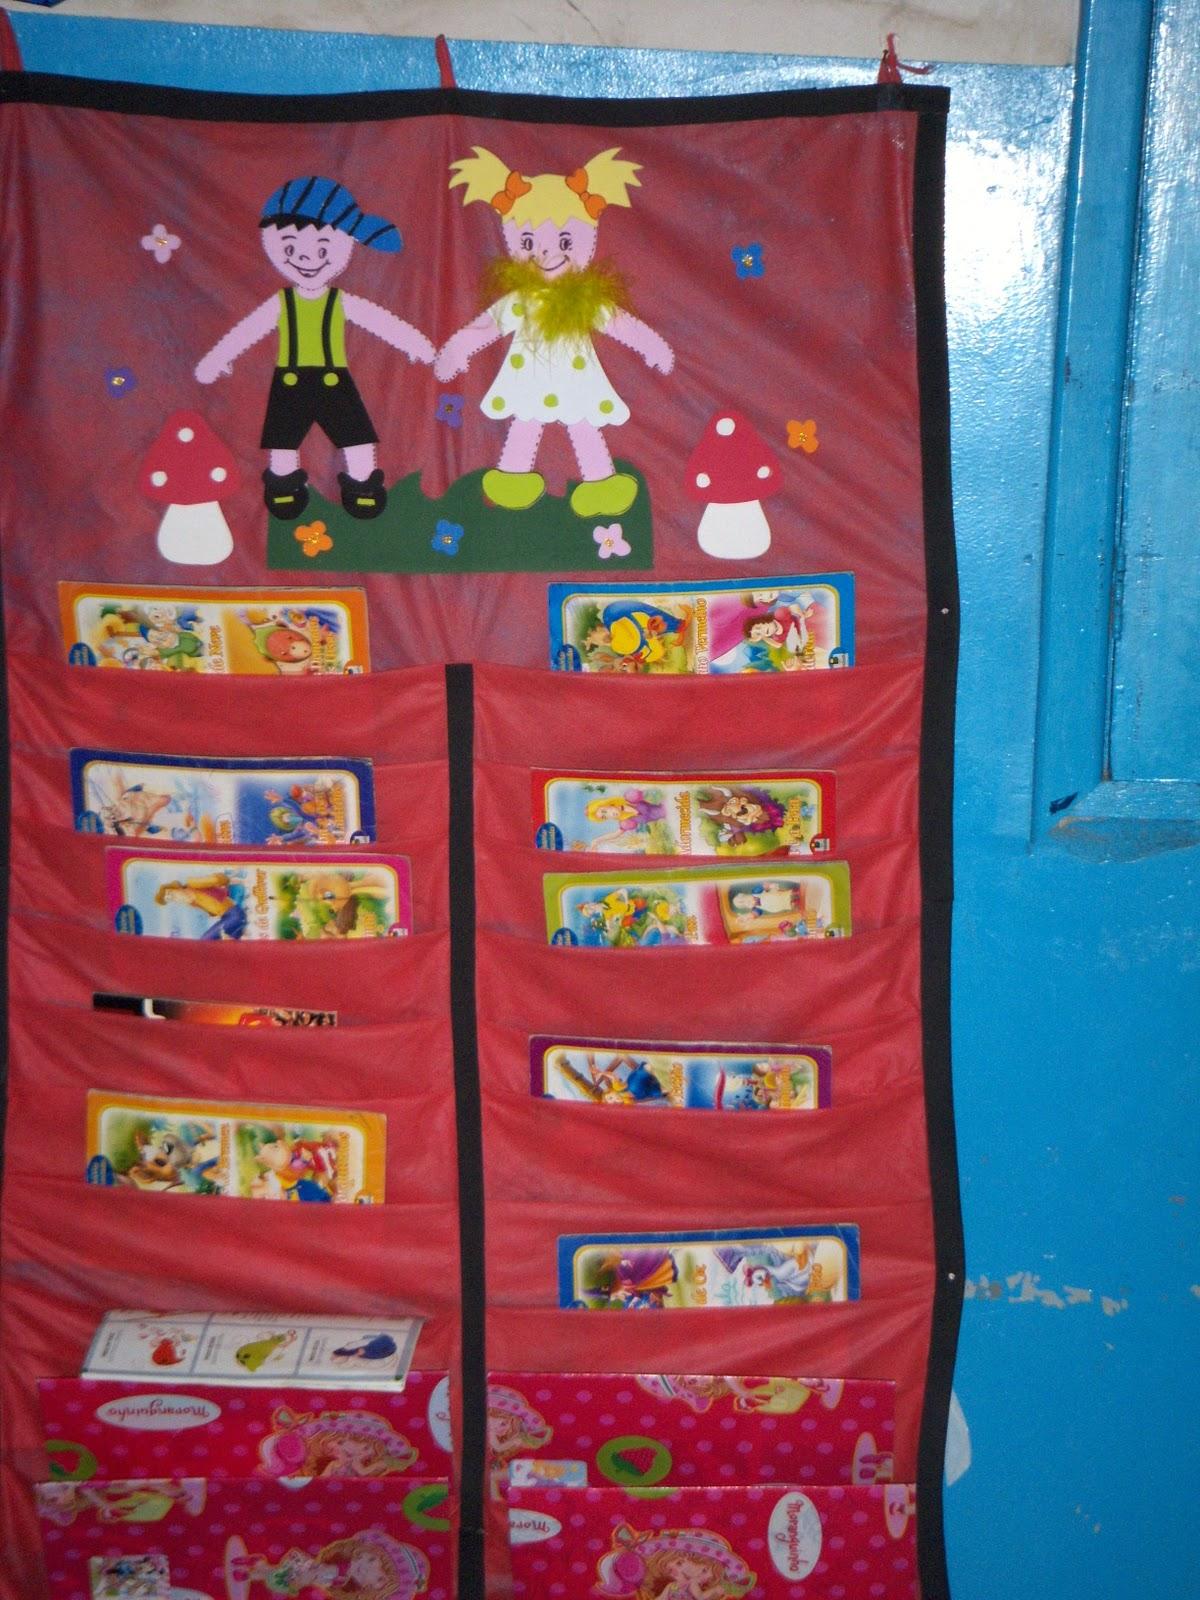 Fazendo Arte na Escola III: Cantinho da leitura - HD Wallpapers